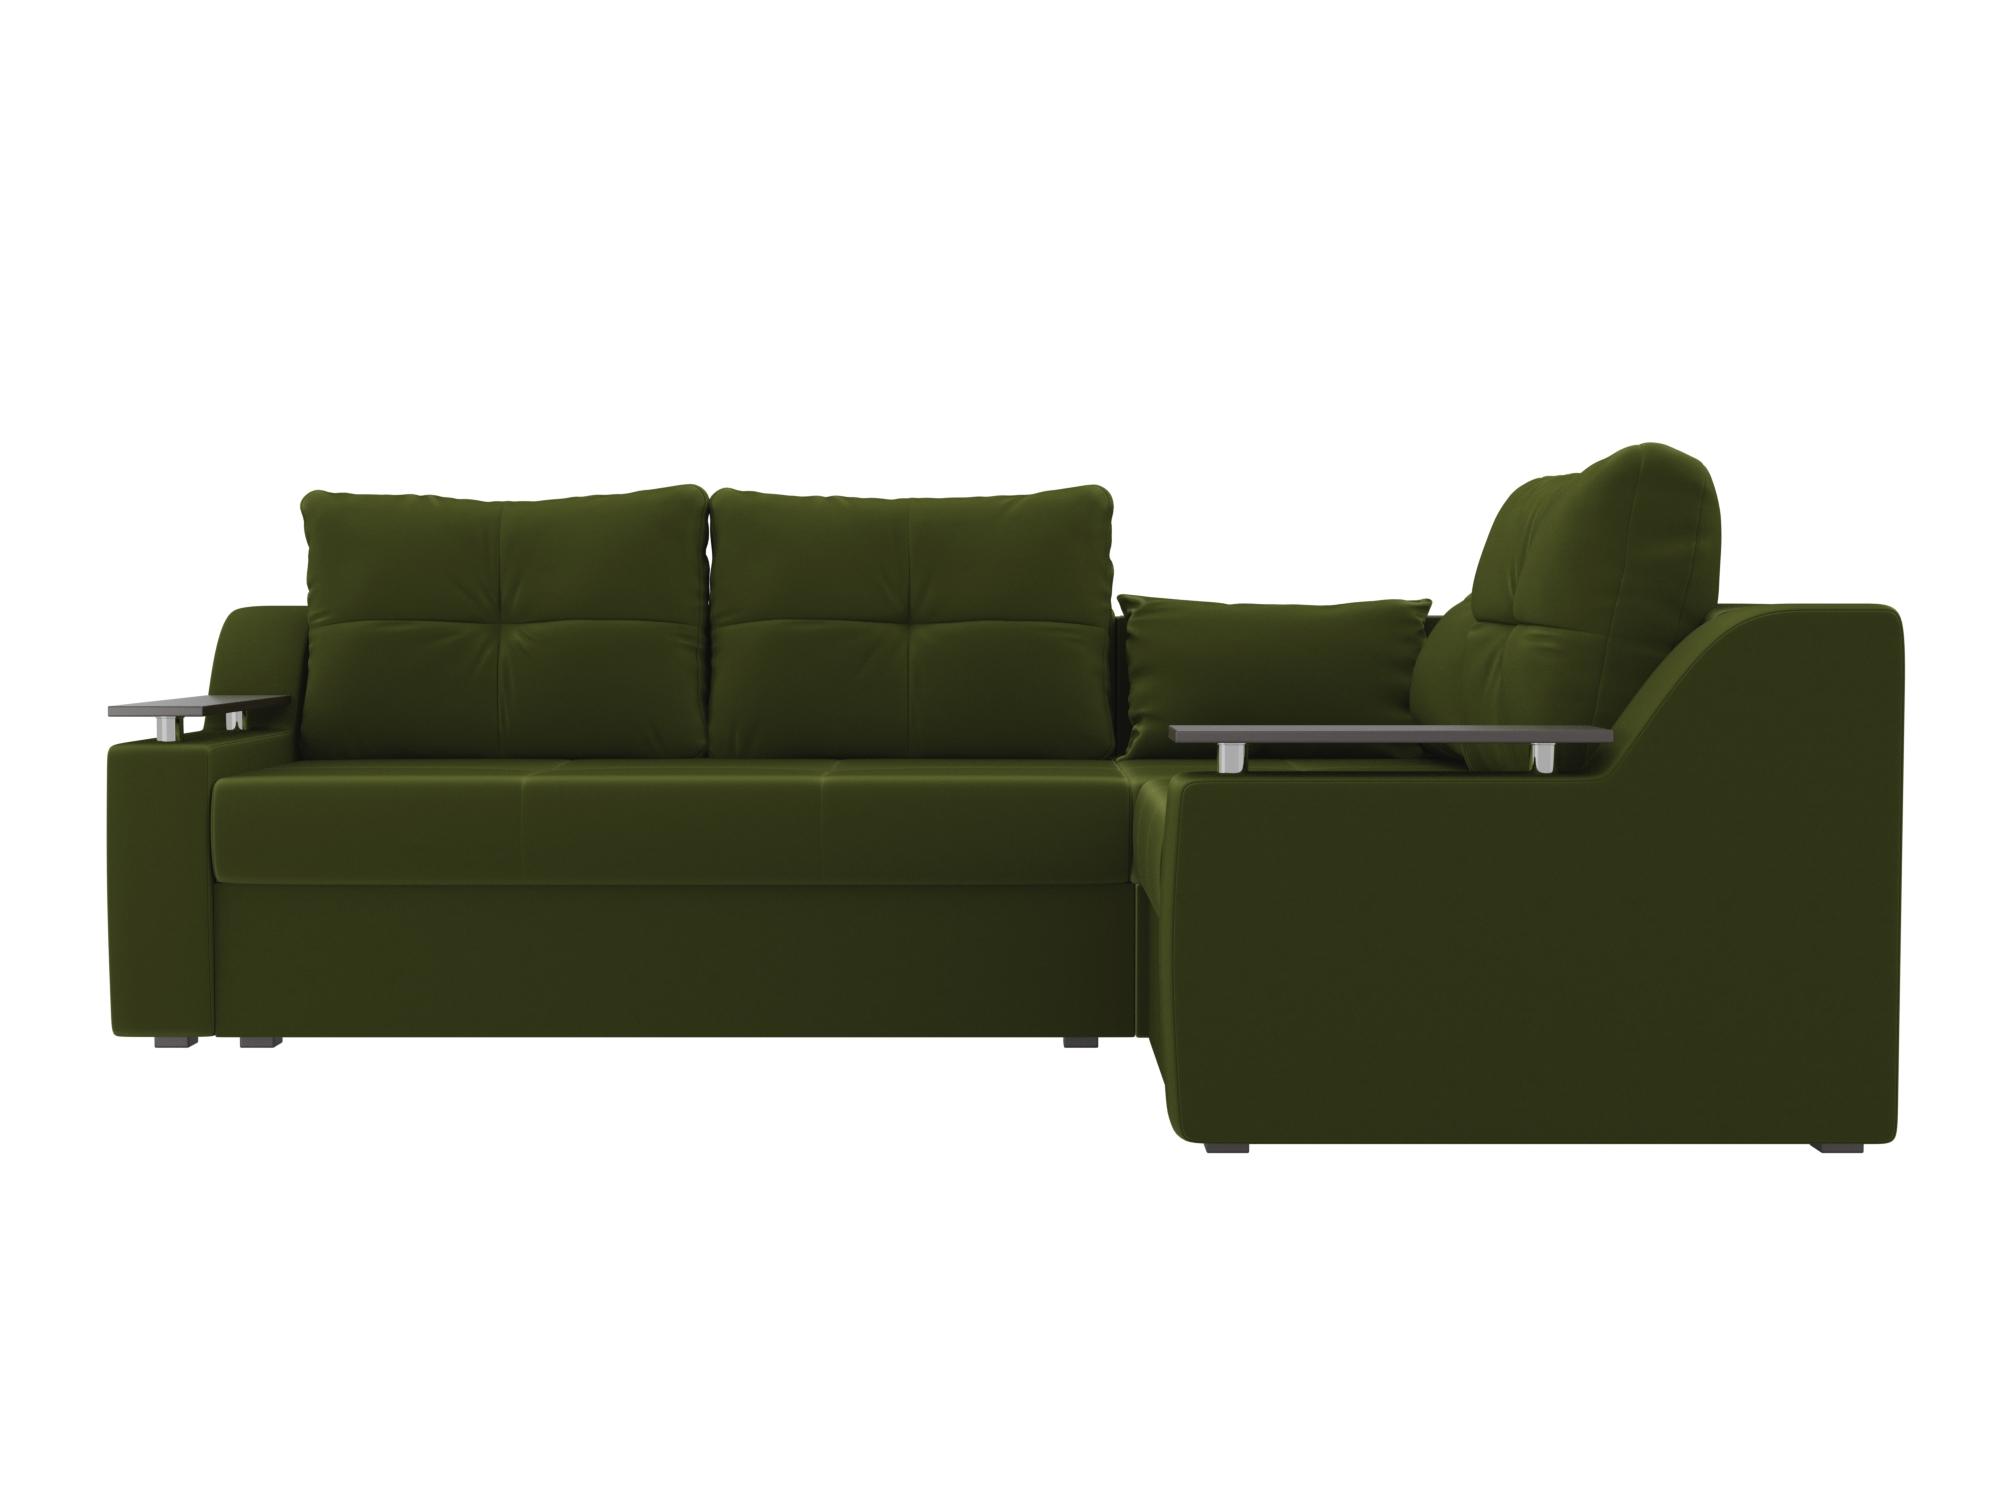 Угловой диван Кронос Правый MebelVia Зеленый, Микровельвет, ЛДСП Зеленый